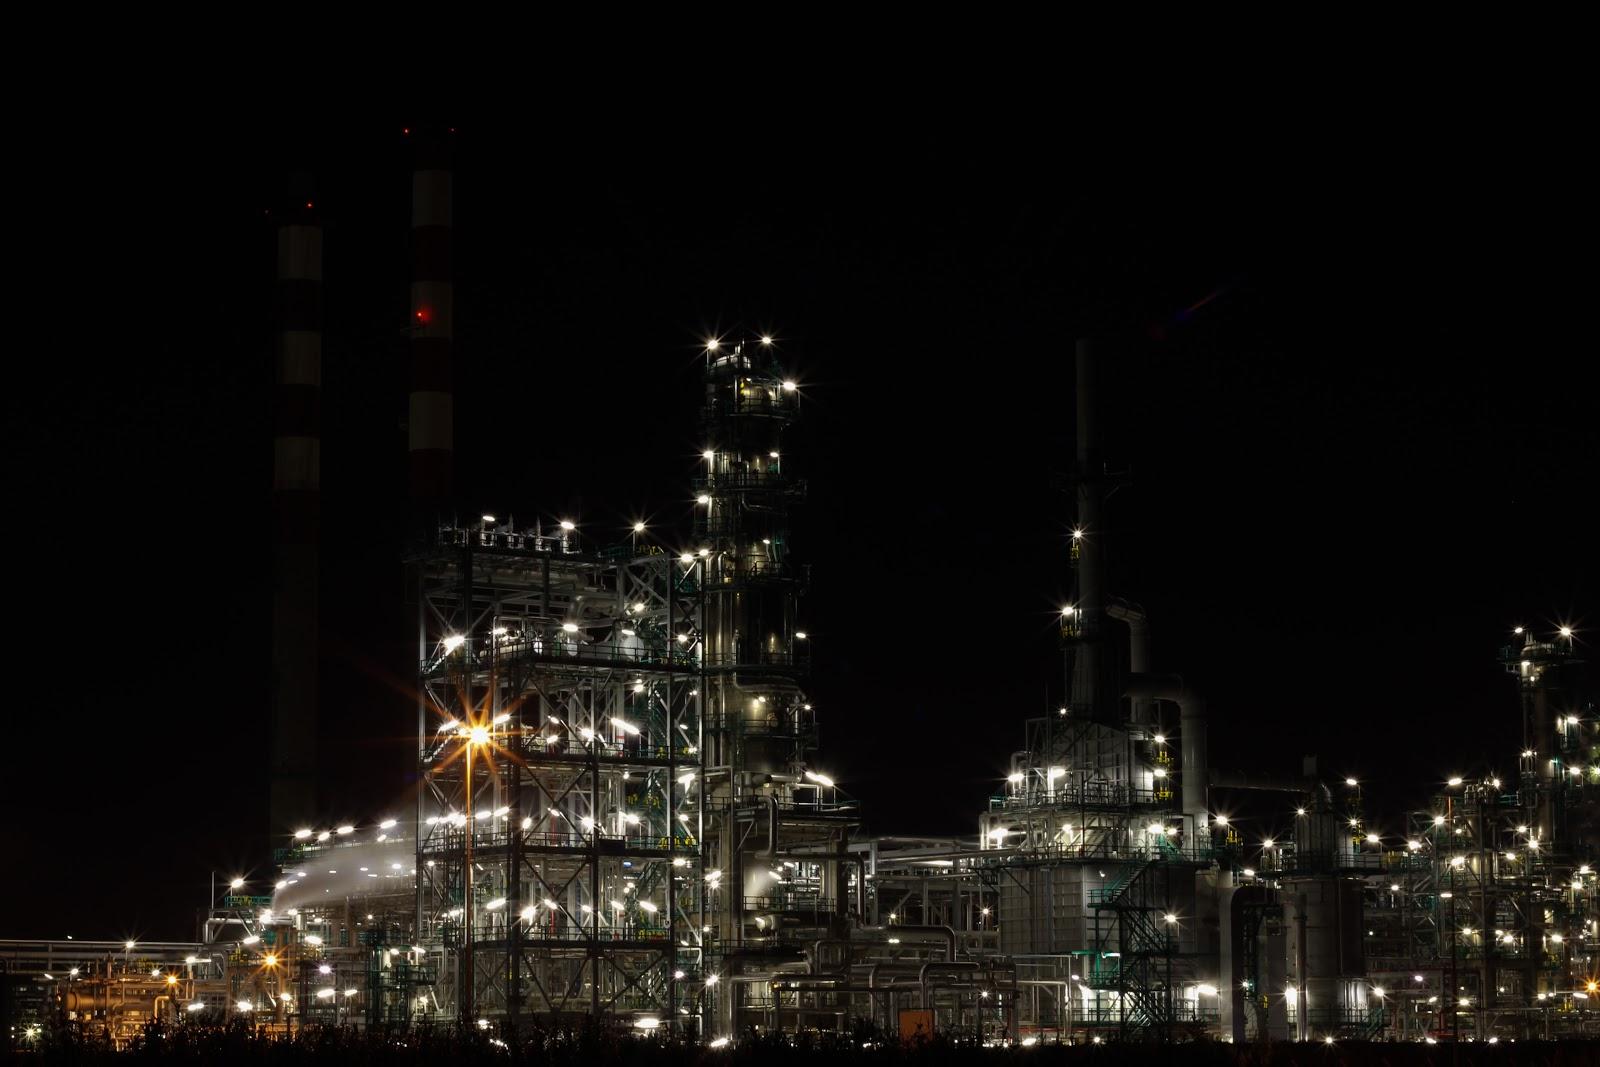 Indústria à noite